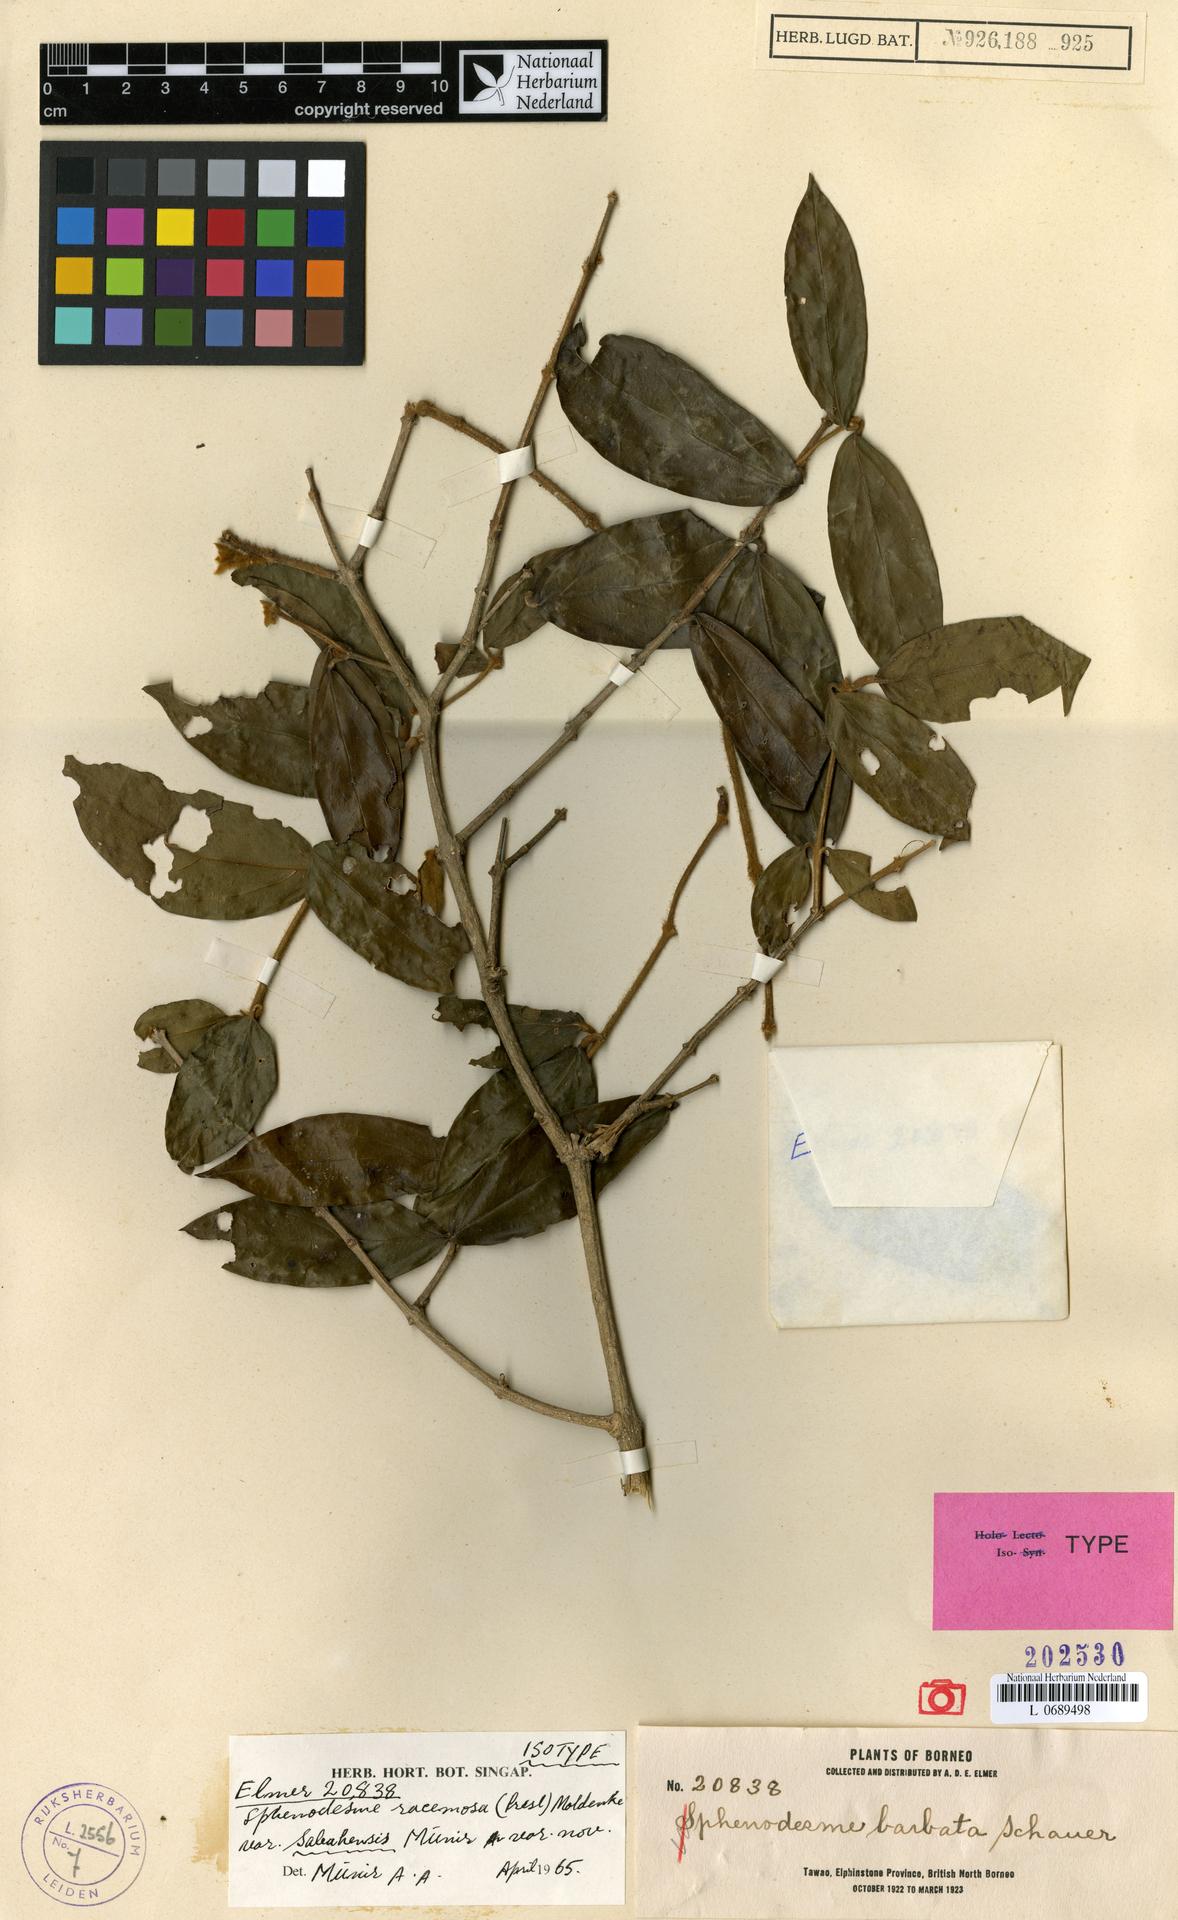 L  0689498 | Sphenodesme racemosa var. sabahensis Munir